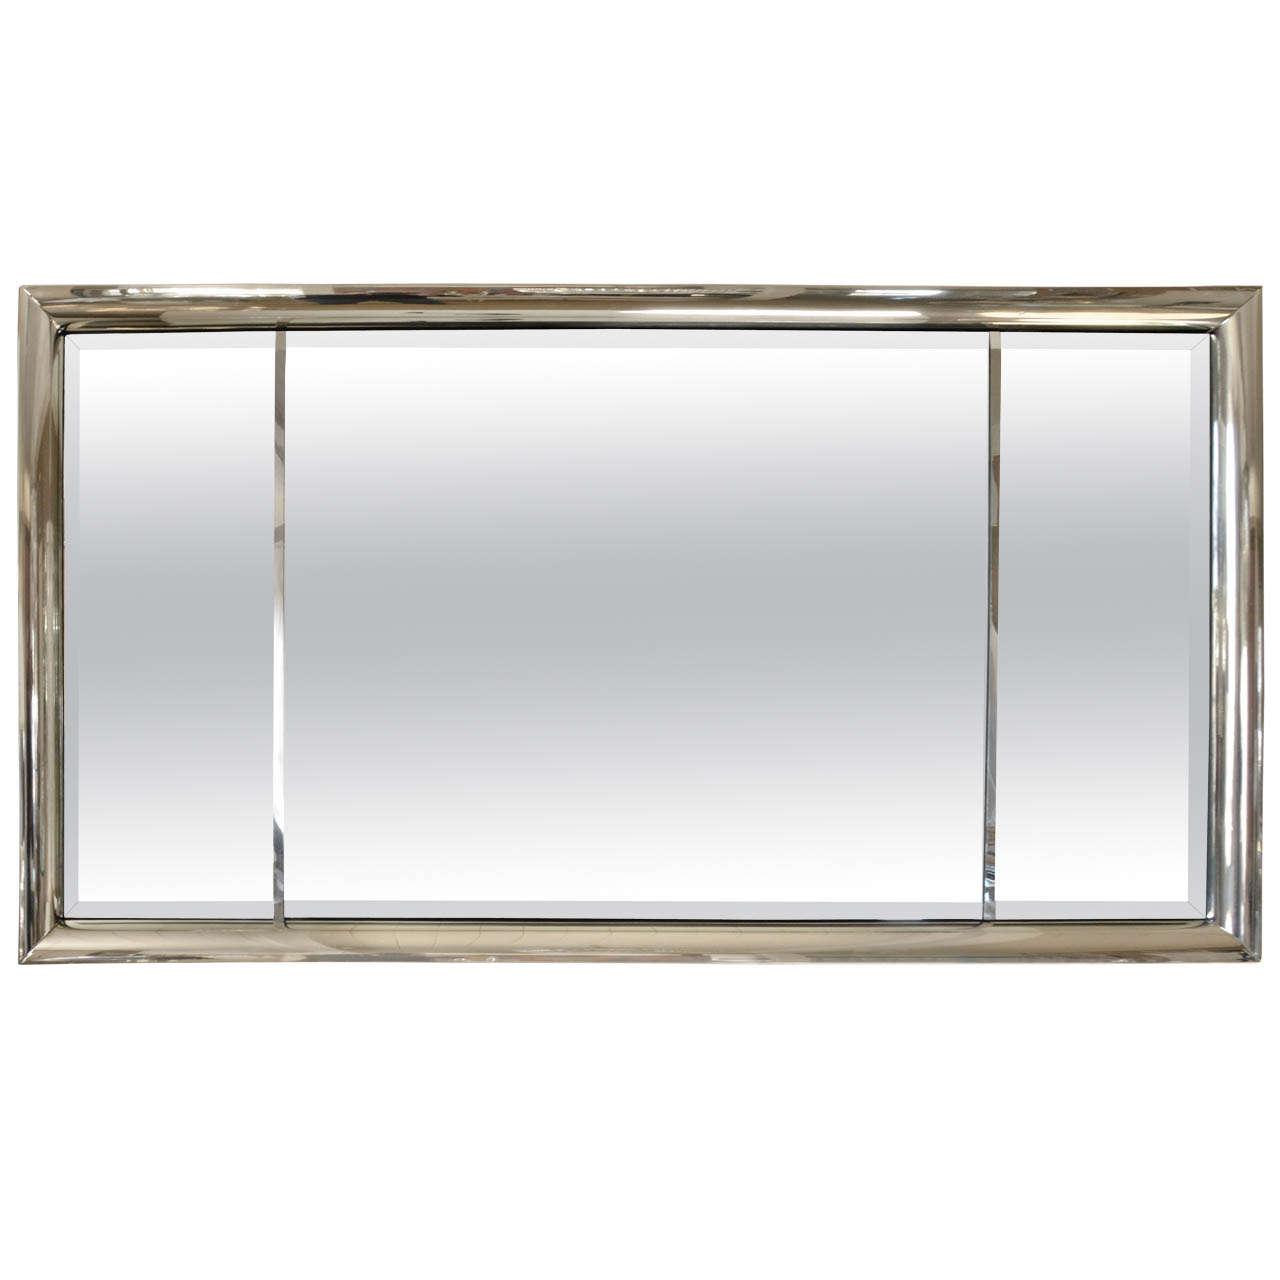 Chrome framed beveled glass mirror by mastercraft at 1stdibs for Beveled glass mirror